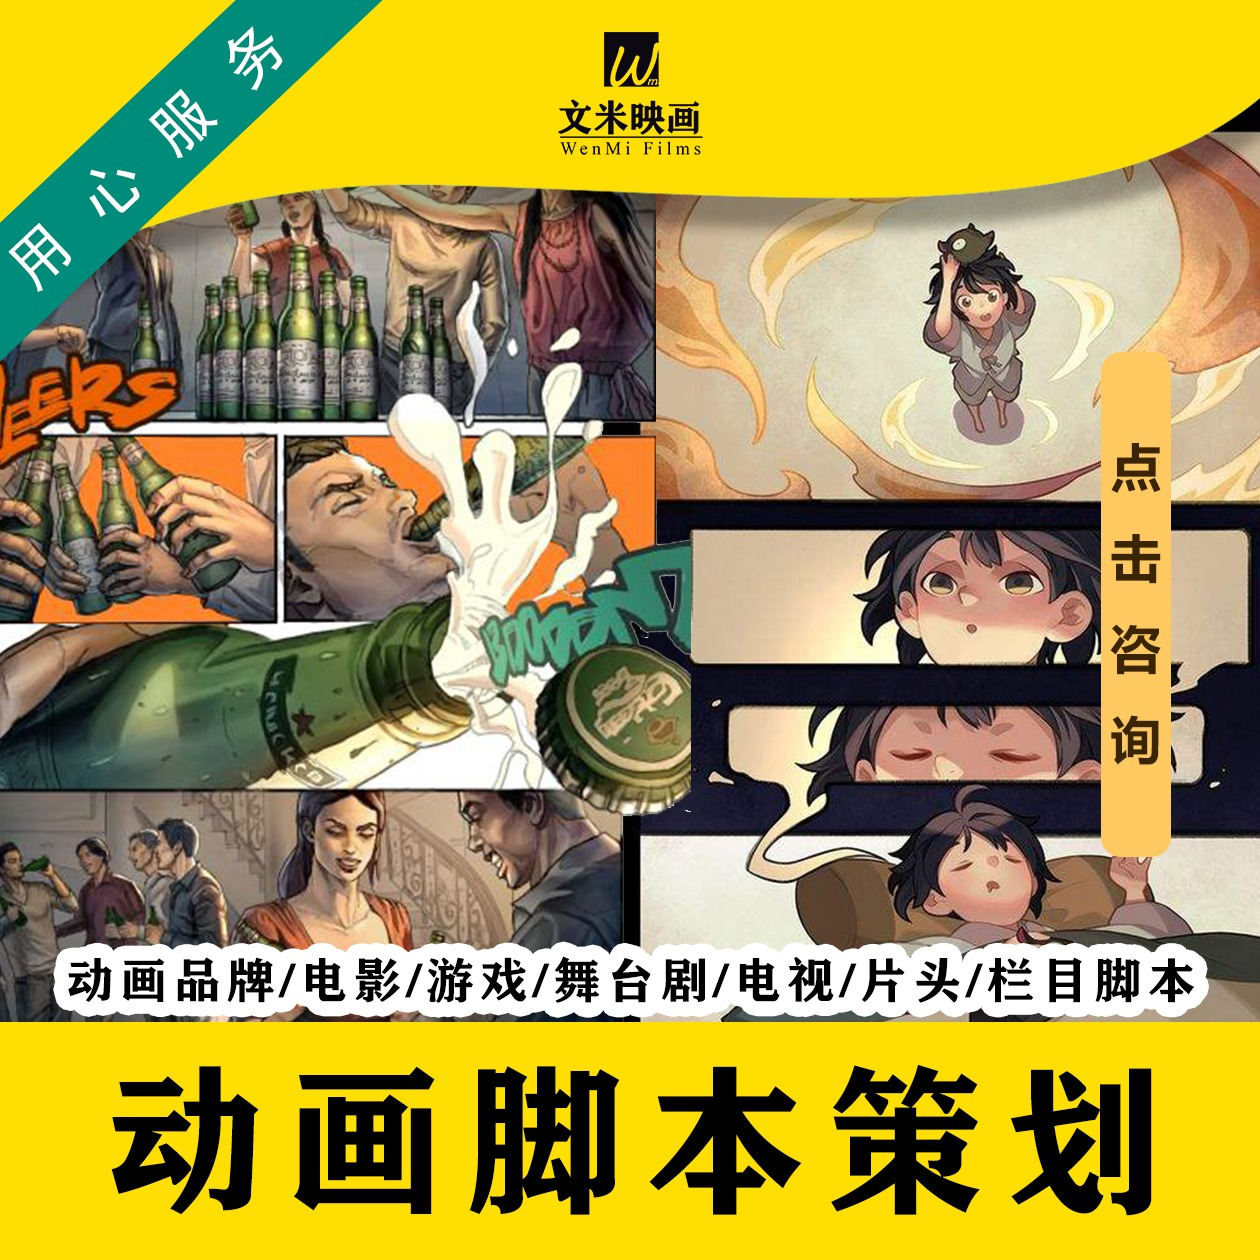 【动画脚本】动画主题剧本写作MG动画三维动画专业编剧团队操刀